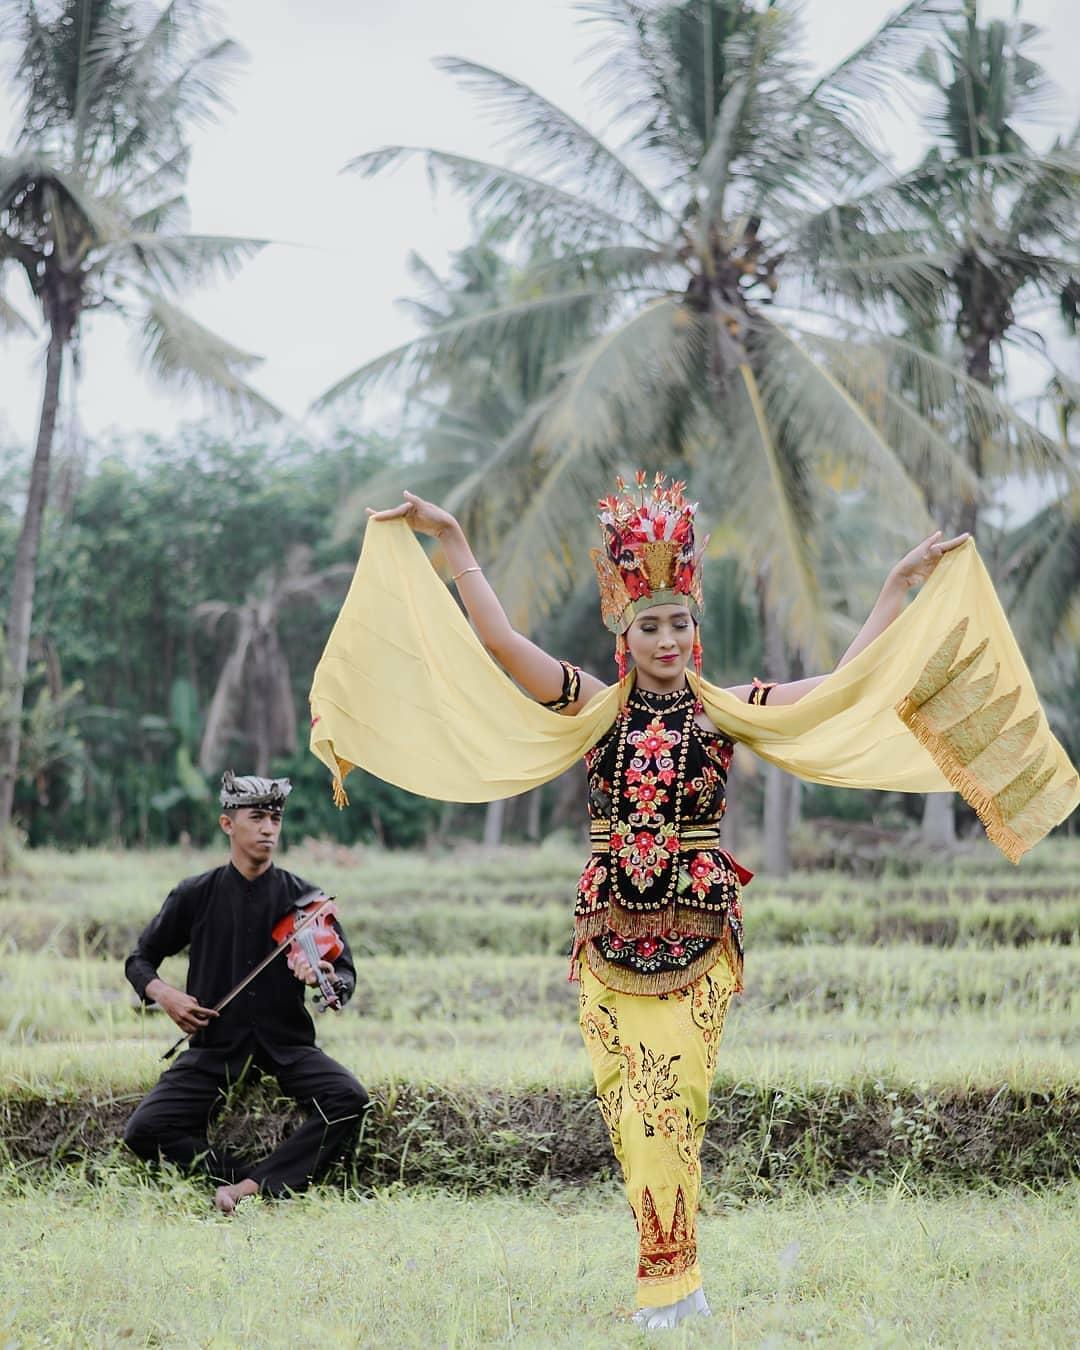 Melihat Kehidupan Suku Osing Banyuwangi Yang Masih Lestari 1